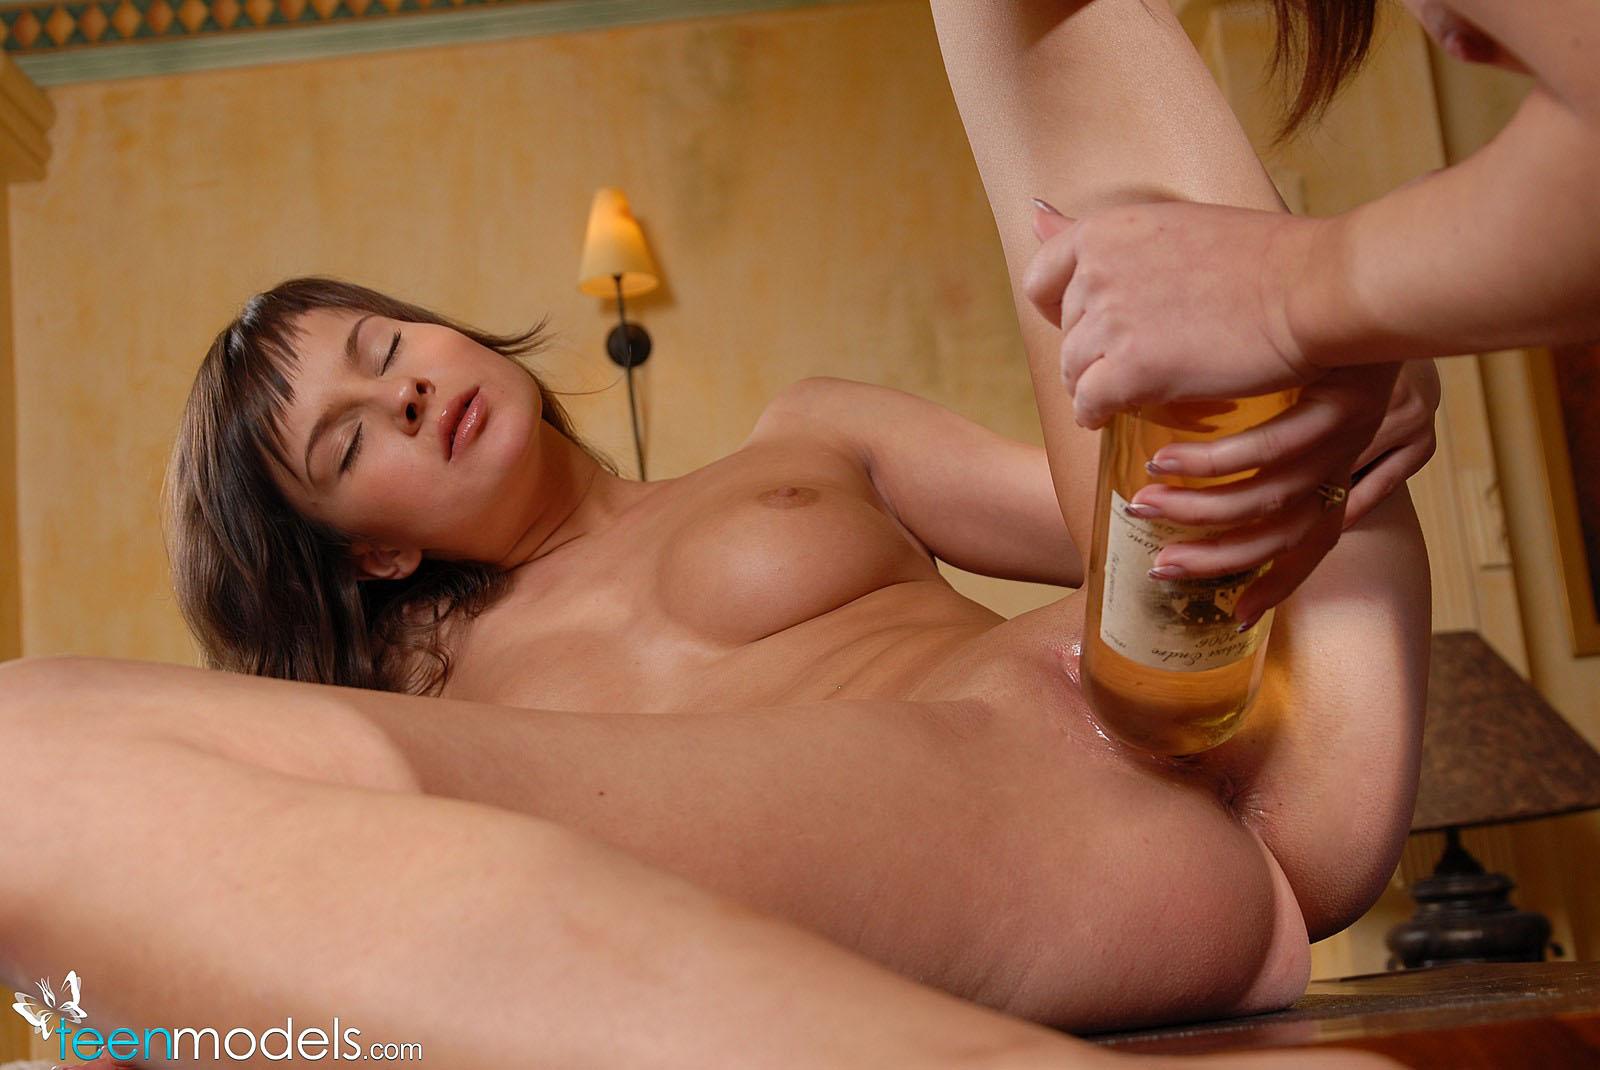 Телка отсасывает под столом пьют пиво 27 фотография